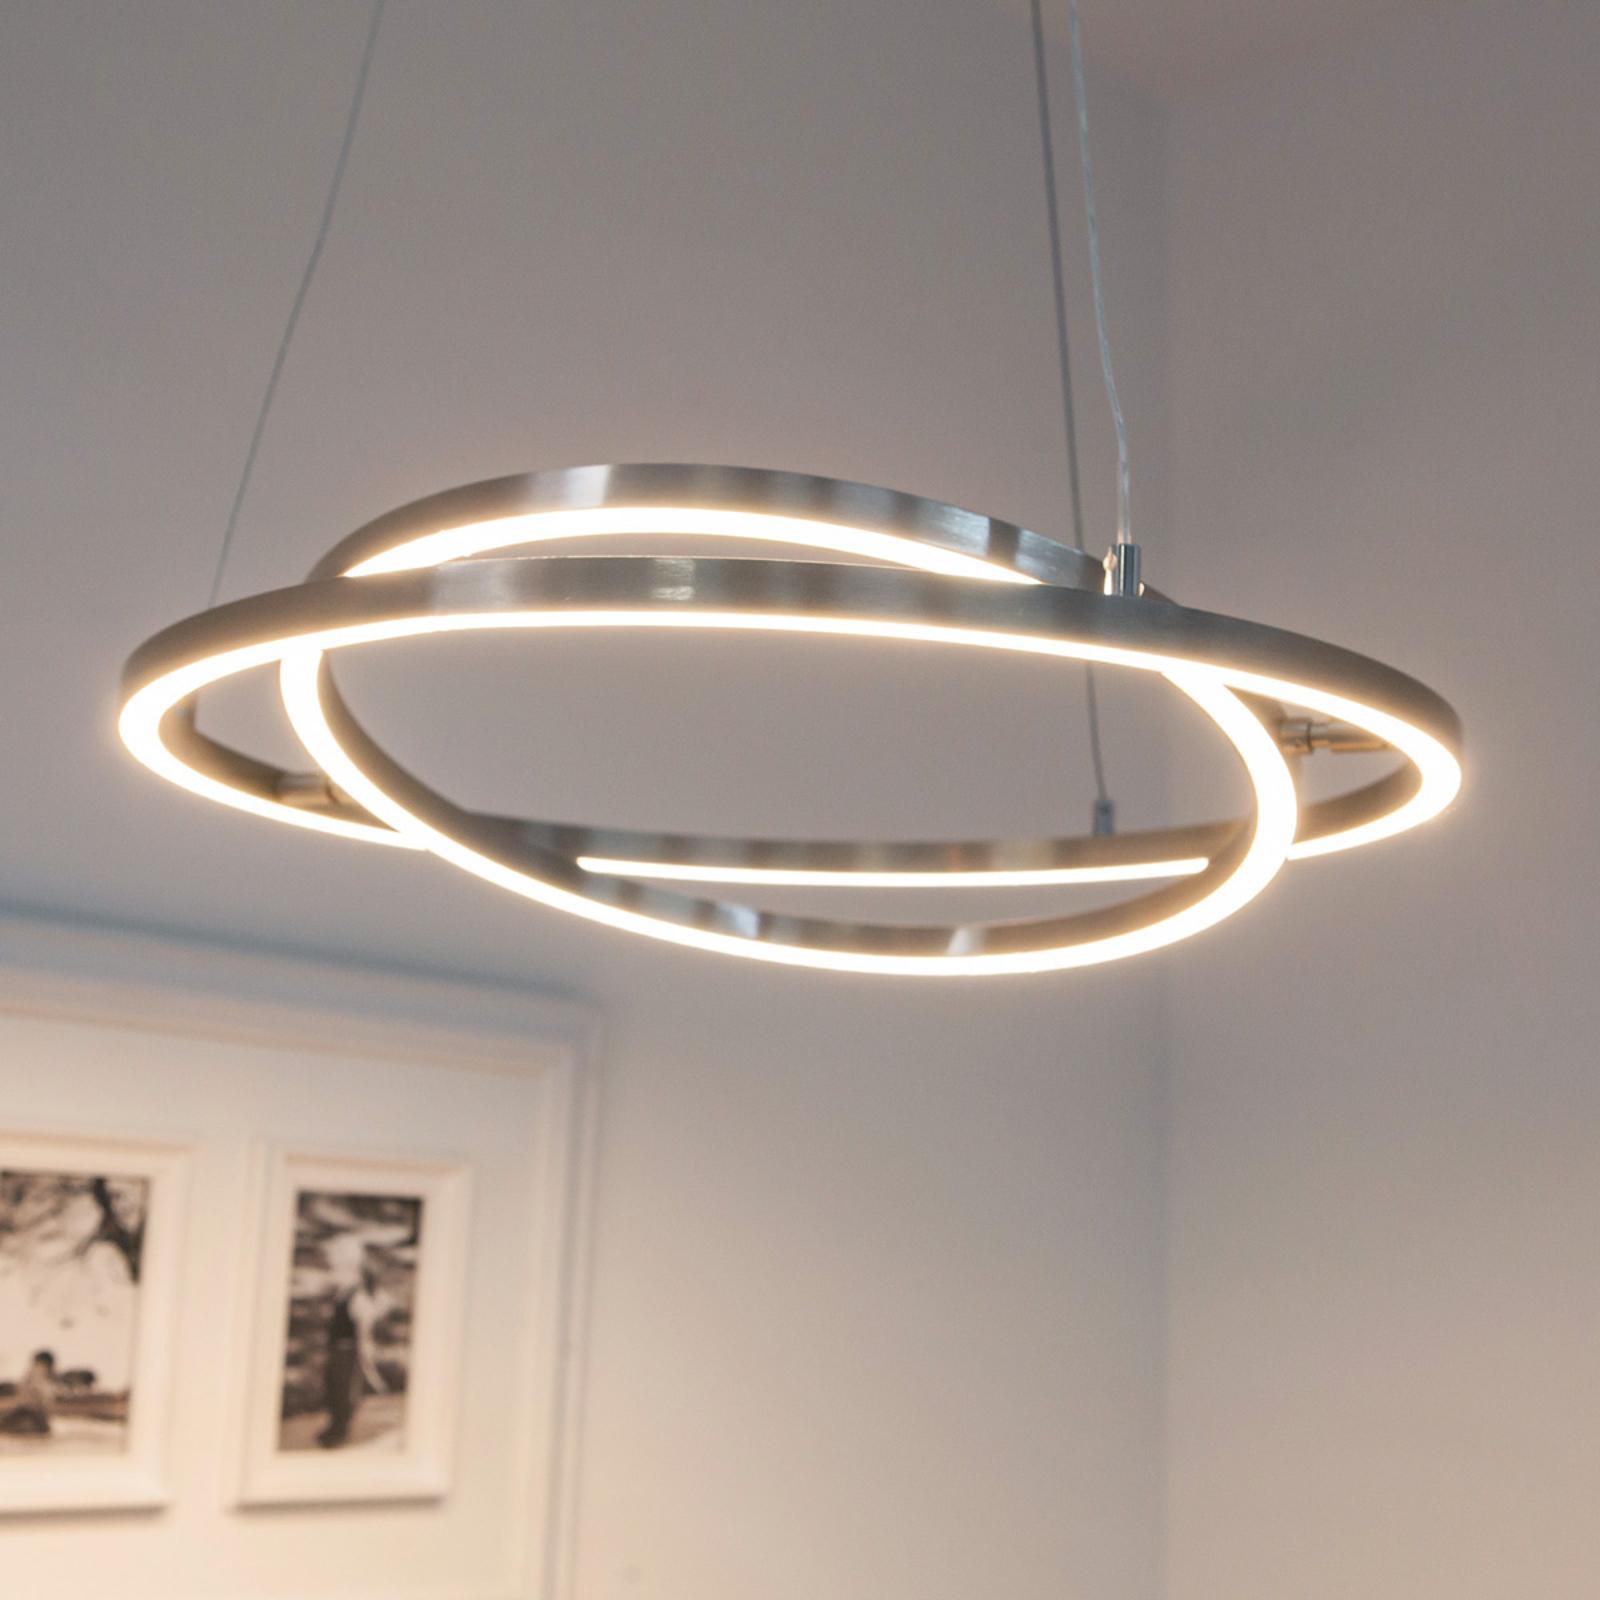 LED Hängeleuchte mit dimmbaren & beweglichen Licht Ringen